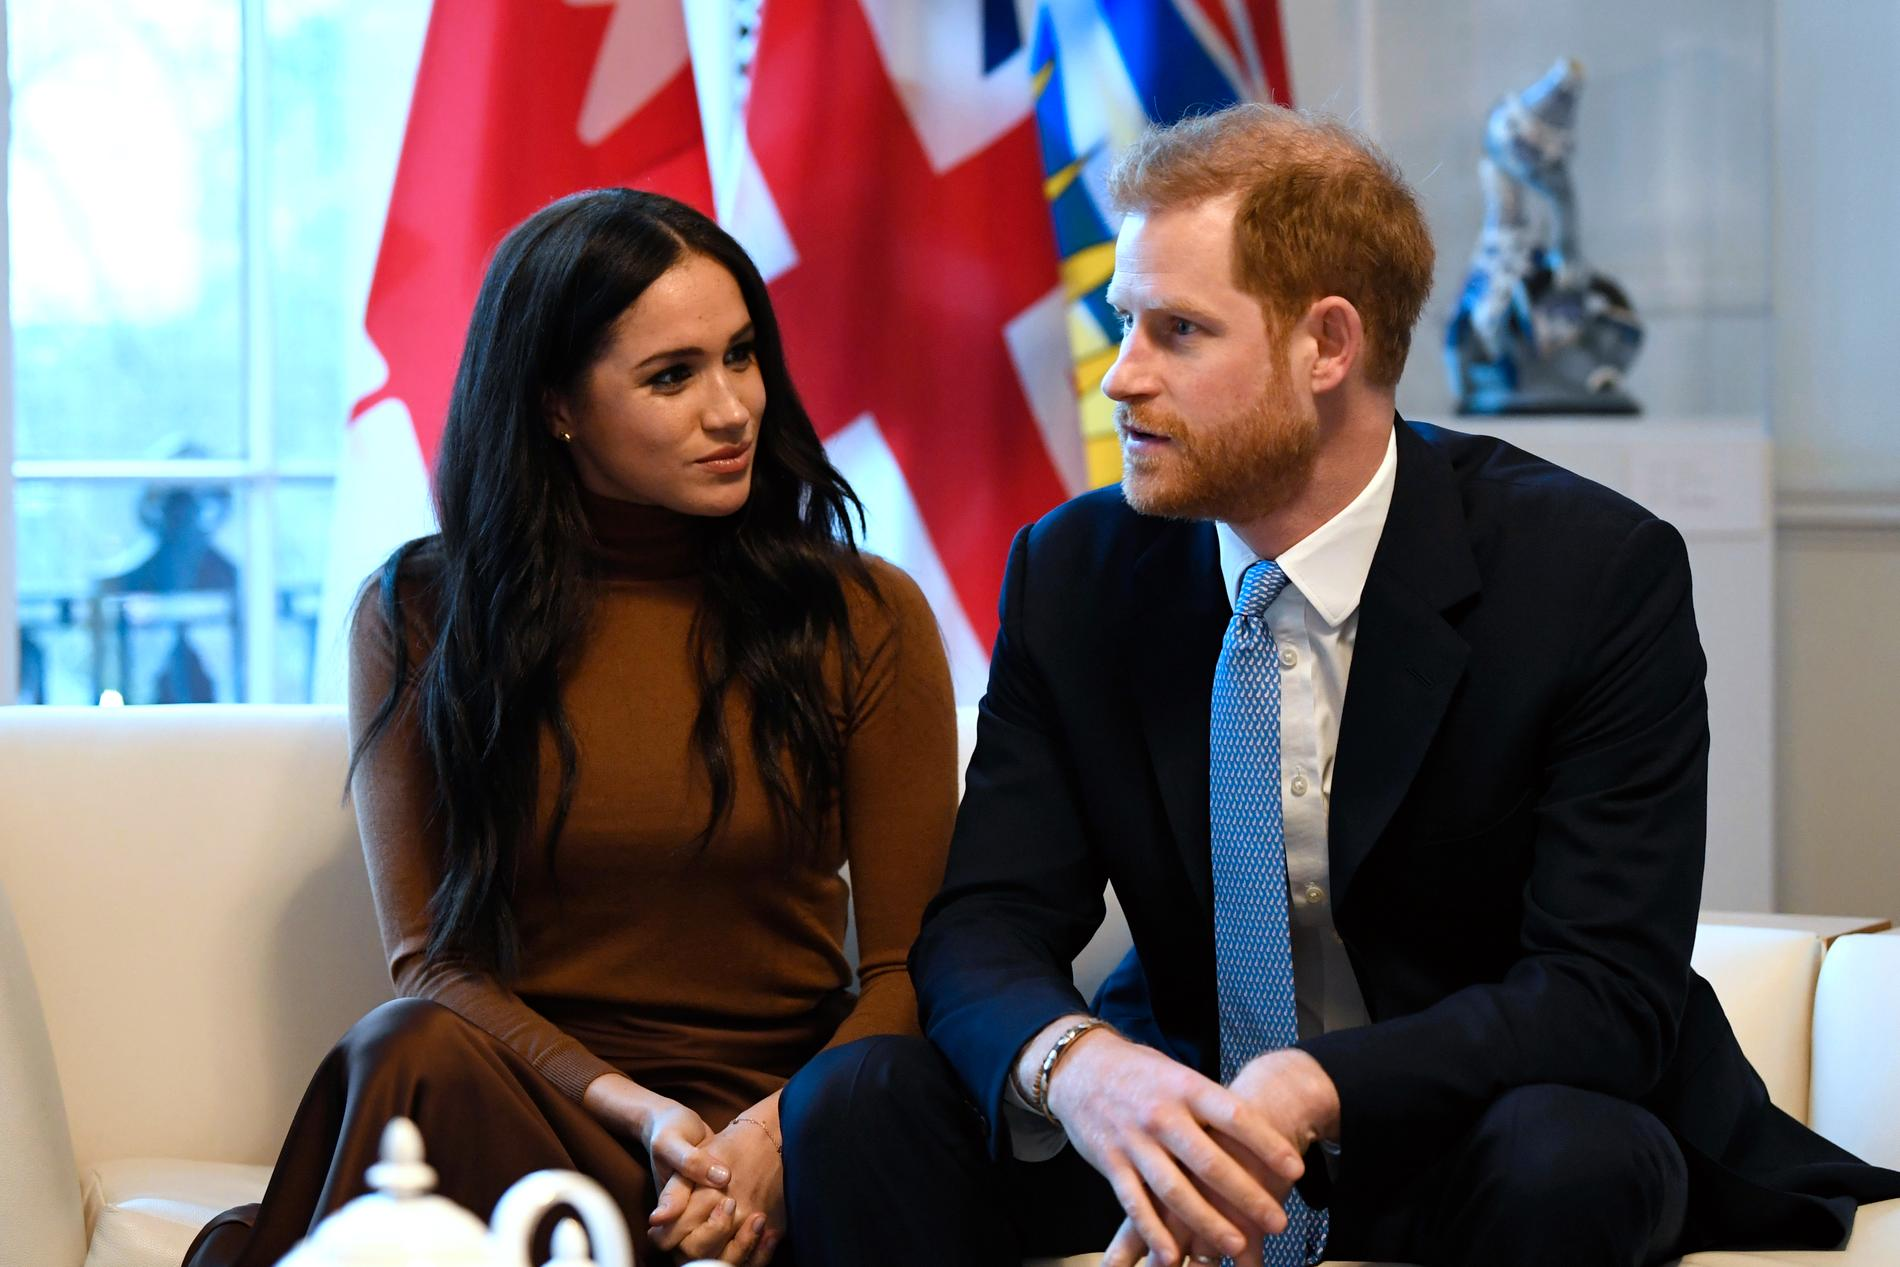 Beskedet att hertiginnan Meghan och prins Harry drar sig tillbaka från kungliga uppdrag har rört upp intensiva känslor.